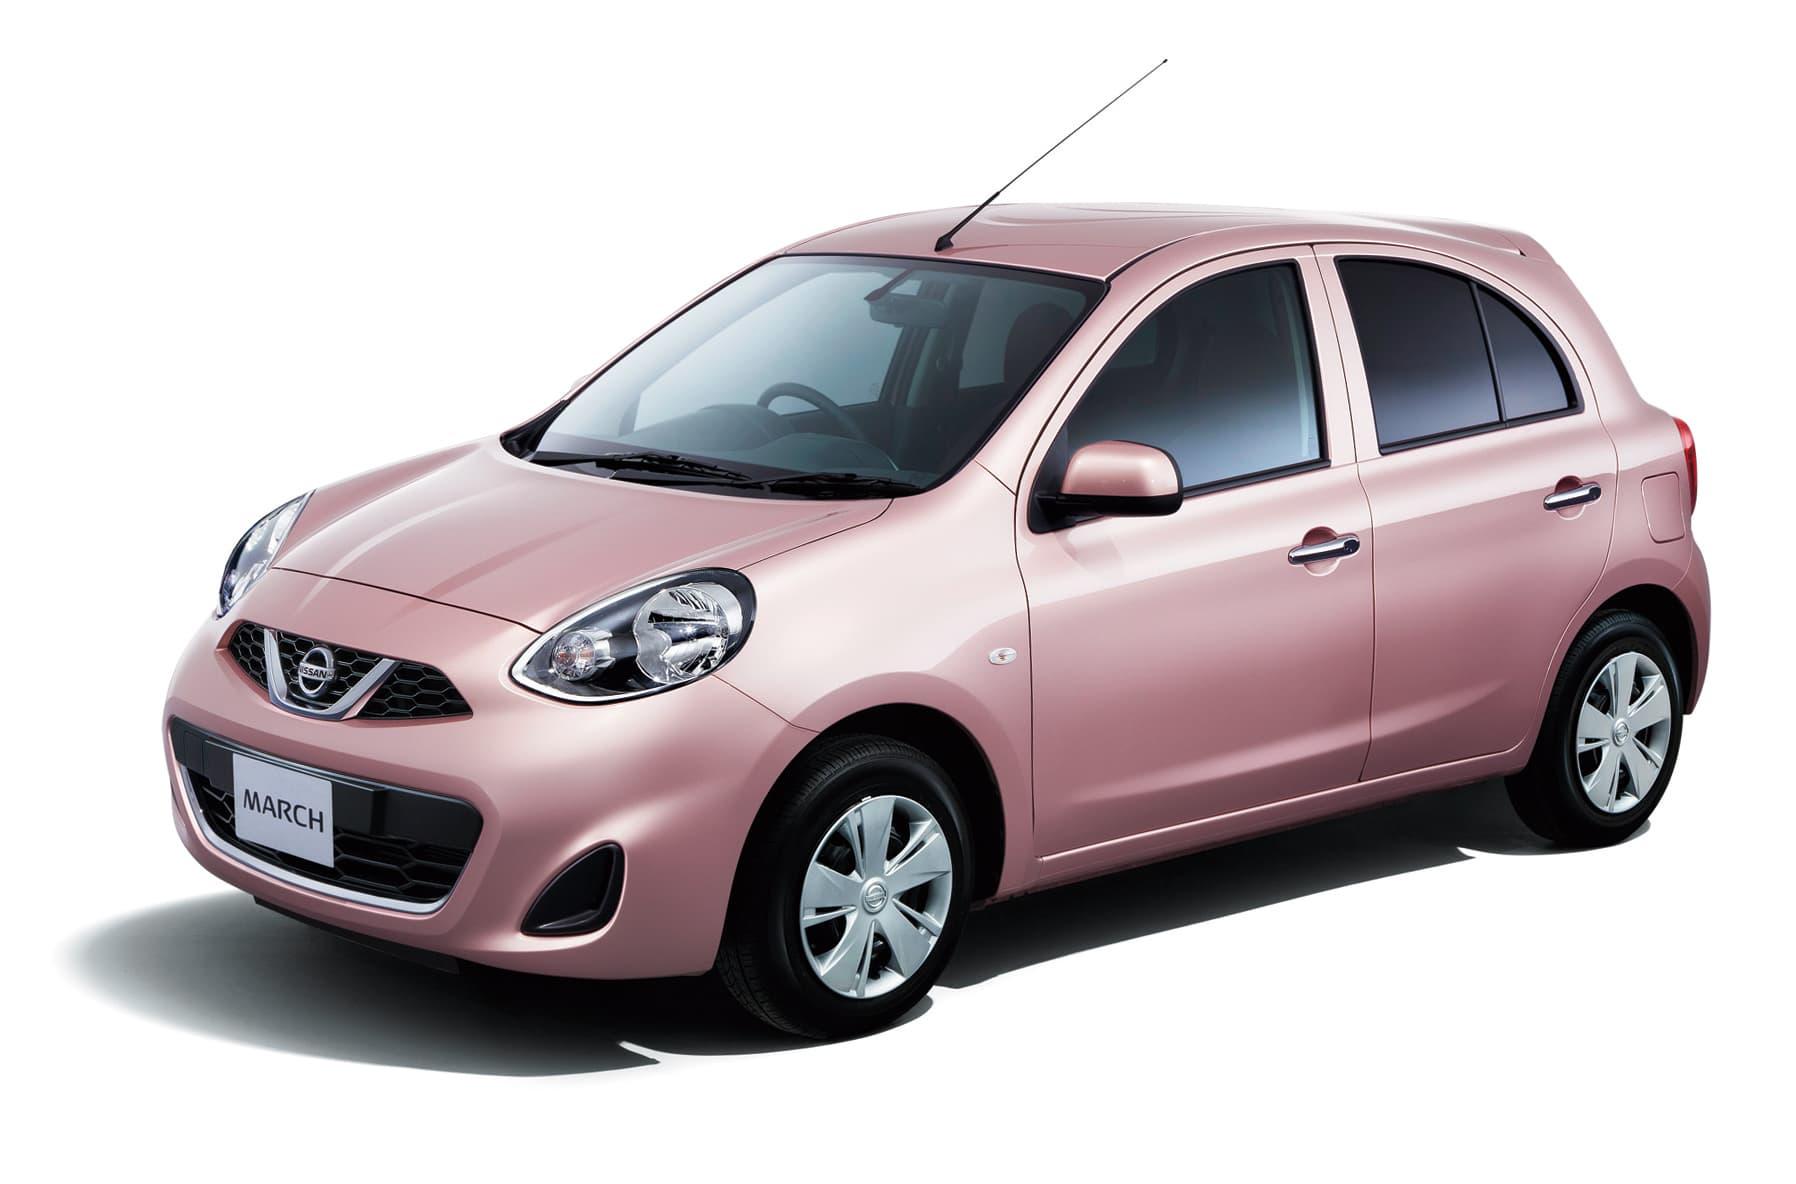 日産レンタカー花巻店『【JAL 東北】 SUMMER BARGAIN 車種無指定プラン』